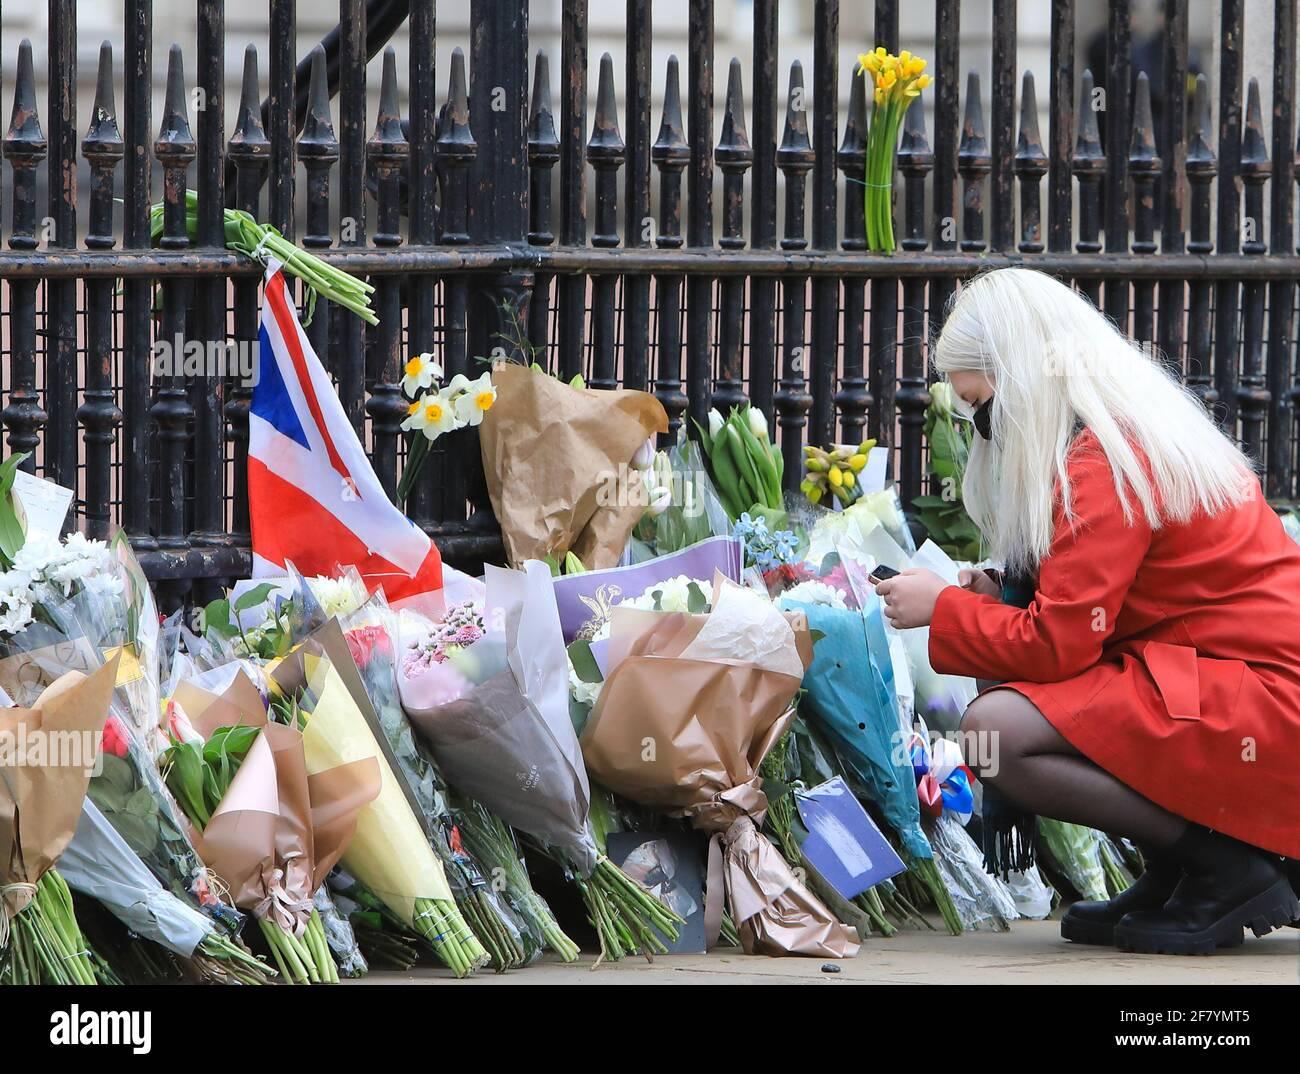 London, Großbritannien, 10. April 2021. Menschen standen Schlange, um vor dem Buckingham Palace Blumen zu legen und ihren Respekt zu zollen, als Hommage an seine Königliche Hoheit Prinz Philip, der am Freitag im Alter von 99 Jahren, nur 2 Monate vor seinem 100. Geburtstag, starb. Monica Wells/Alamy Live News Stockfoto